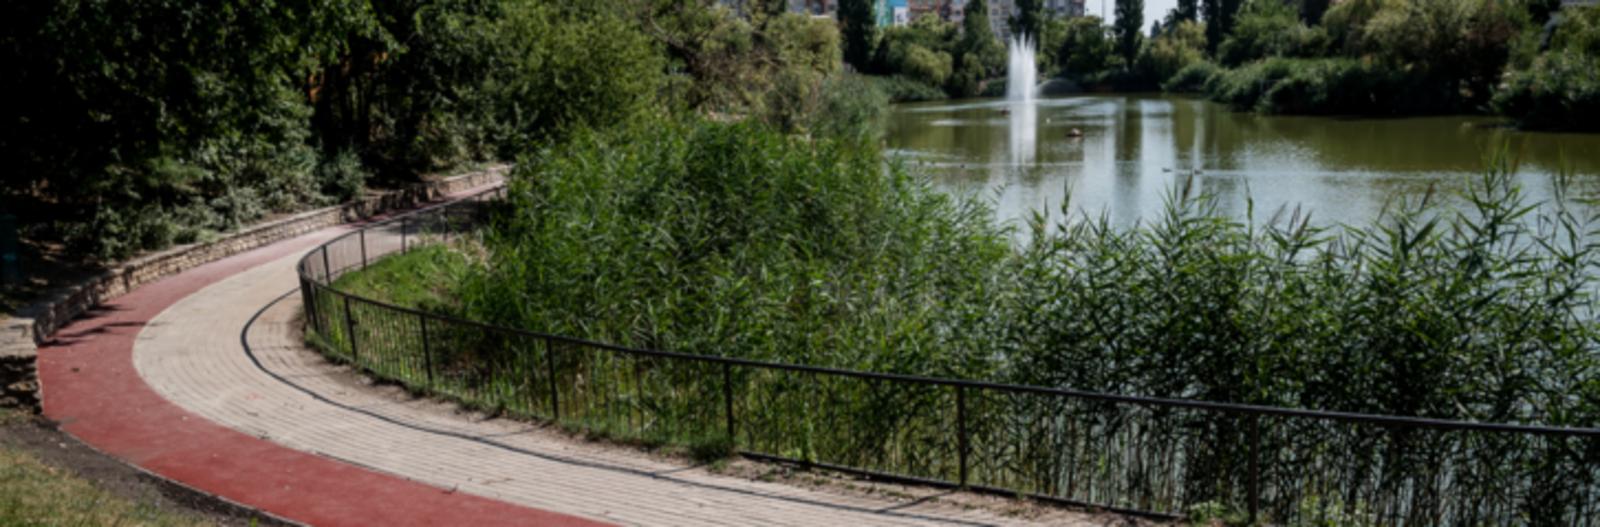 Több is van Budán! – 3 klasszikus futókör